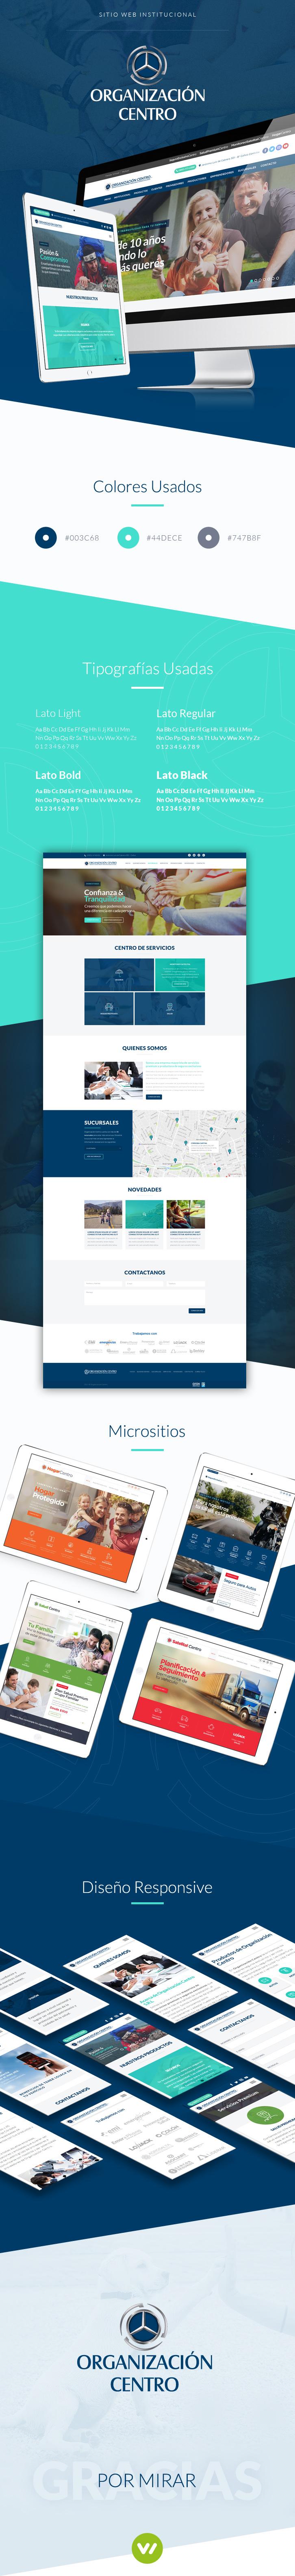 Pagina Web corporativa para empresa de servicios grande